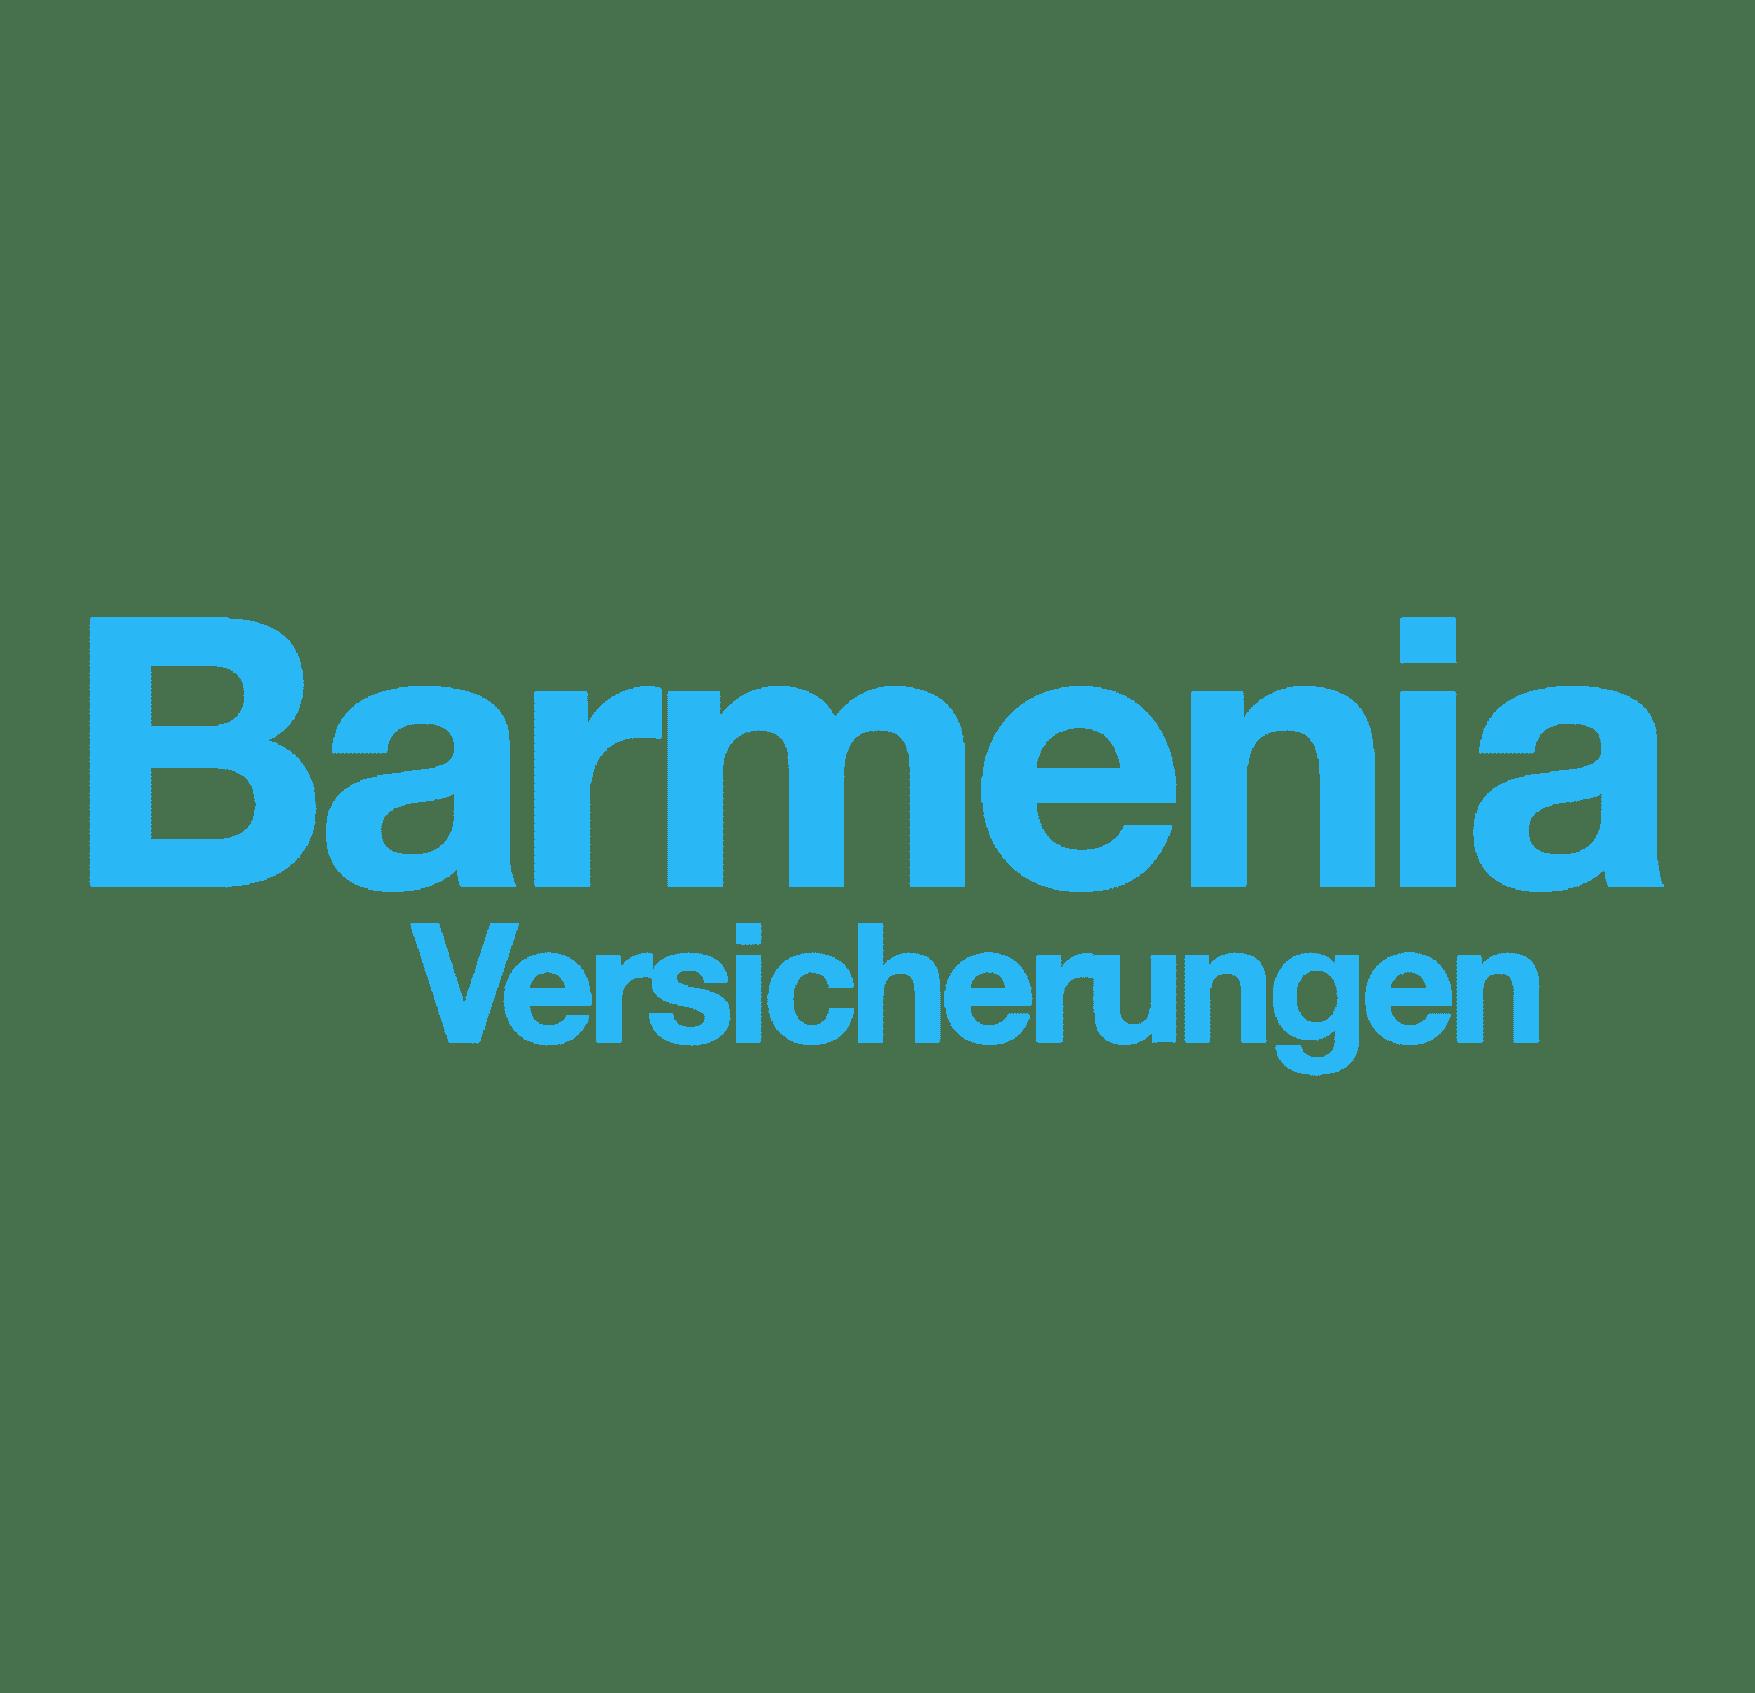 Referenz Barmenia